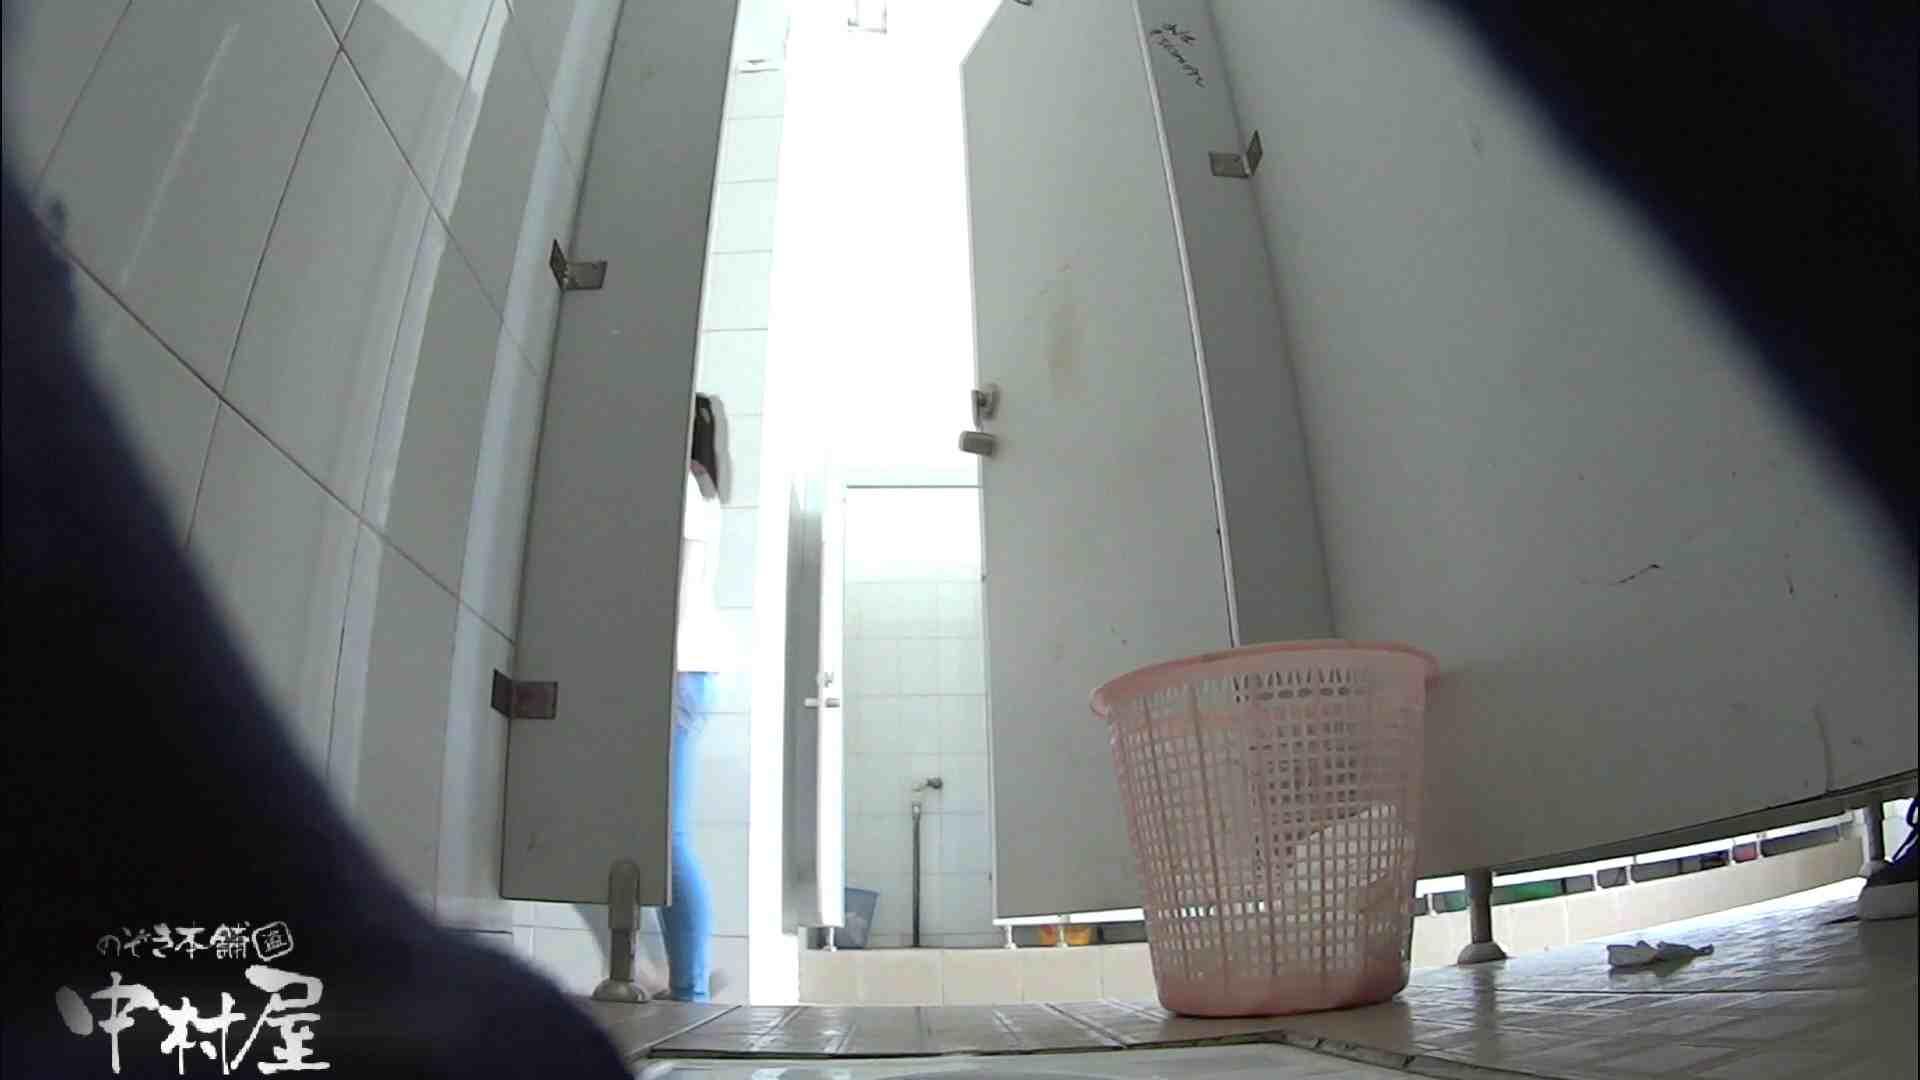 名大学休憩時間の洗面所事情01 洗面所  54画像 40